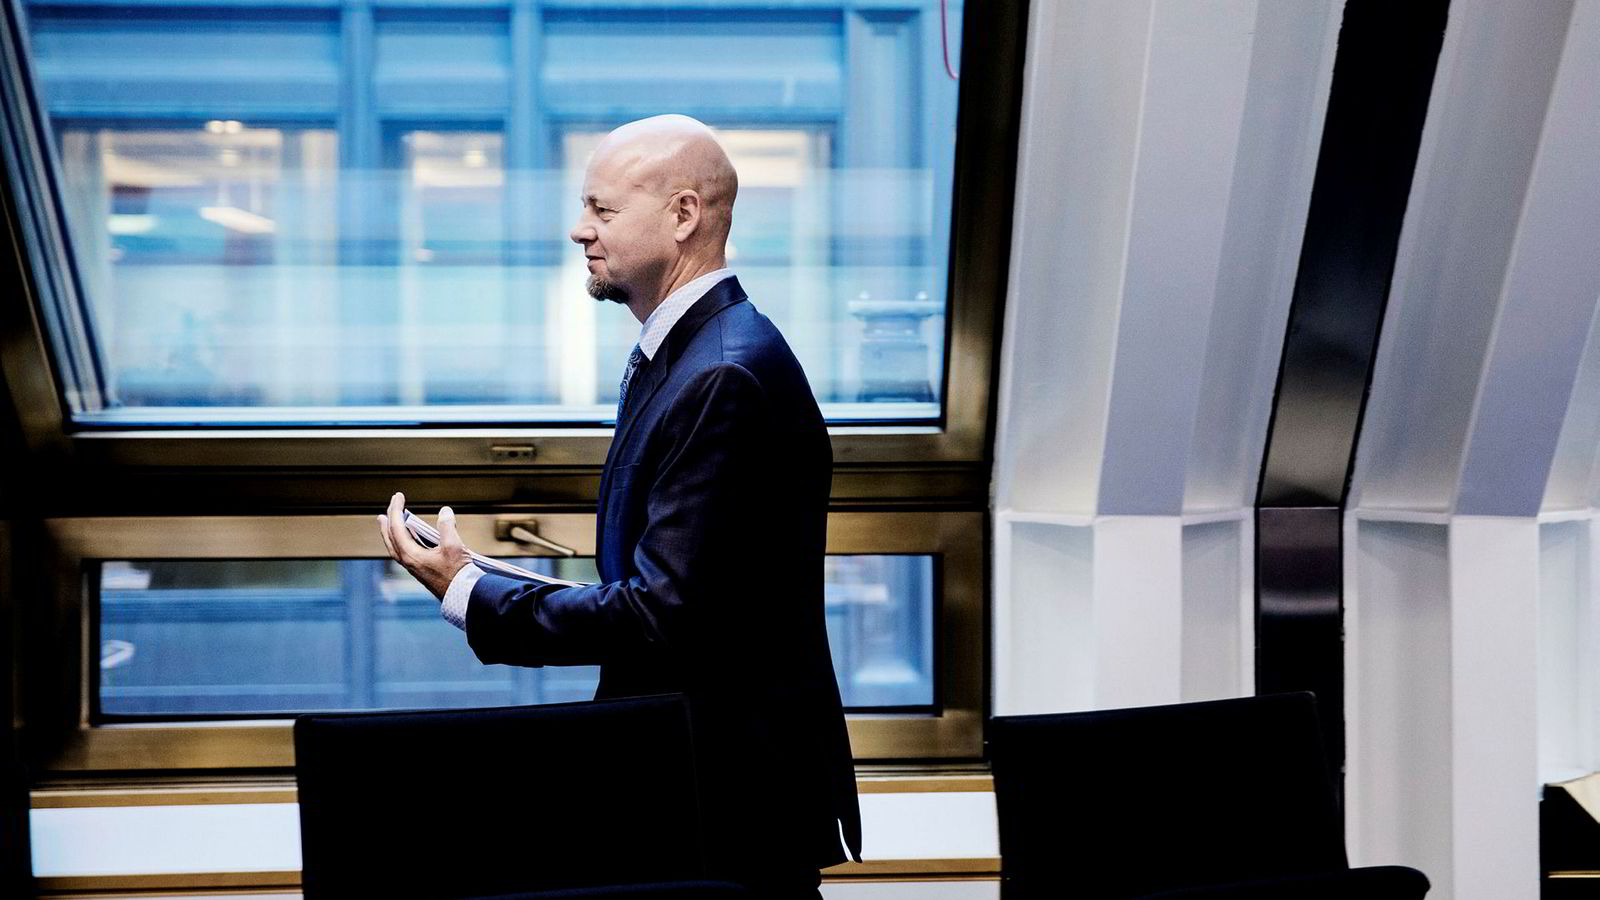 Sjefen i Oljefondet, Yngve Slyngstad, har vært en tydelig stemme mot krymping av skatt utad, men internt i fondet har de i mange år ikke hatt noen tiltak for å forhindre at Oljefondet selv bidrar til skattemotivert aksjeutlån.